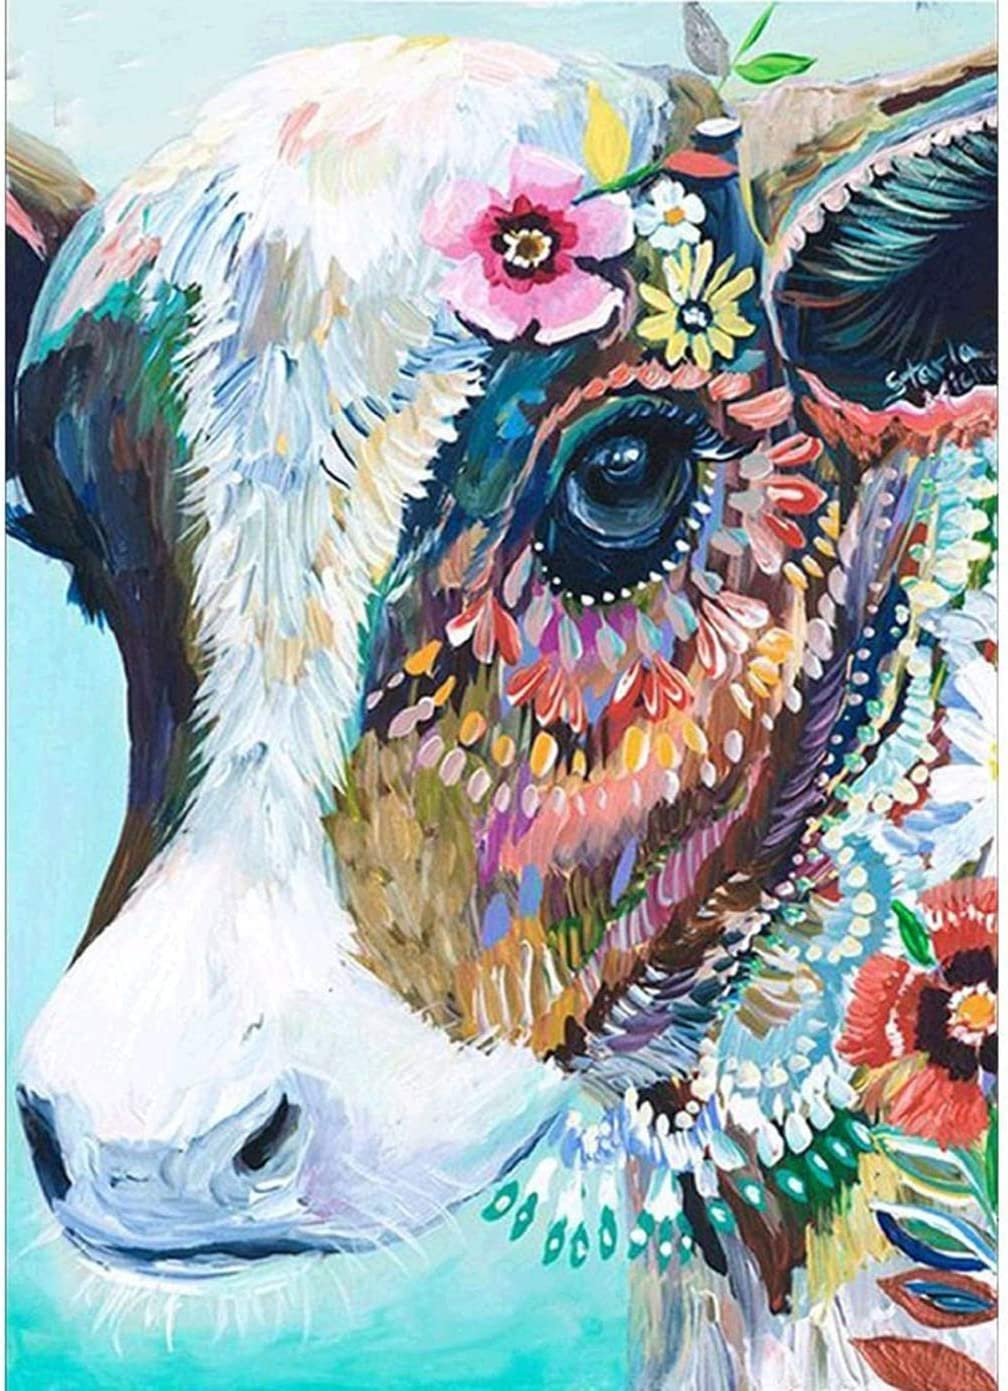 Clásico Rompecabezas Juego DIY 5D diamante Pintura Número Kits completo taladro colorido vaca Rhinestone bordado de punto de cruz Diamond Puzzle Fotos Artes Artesanía for el hogar decoración de la par